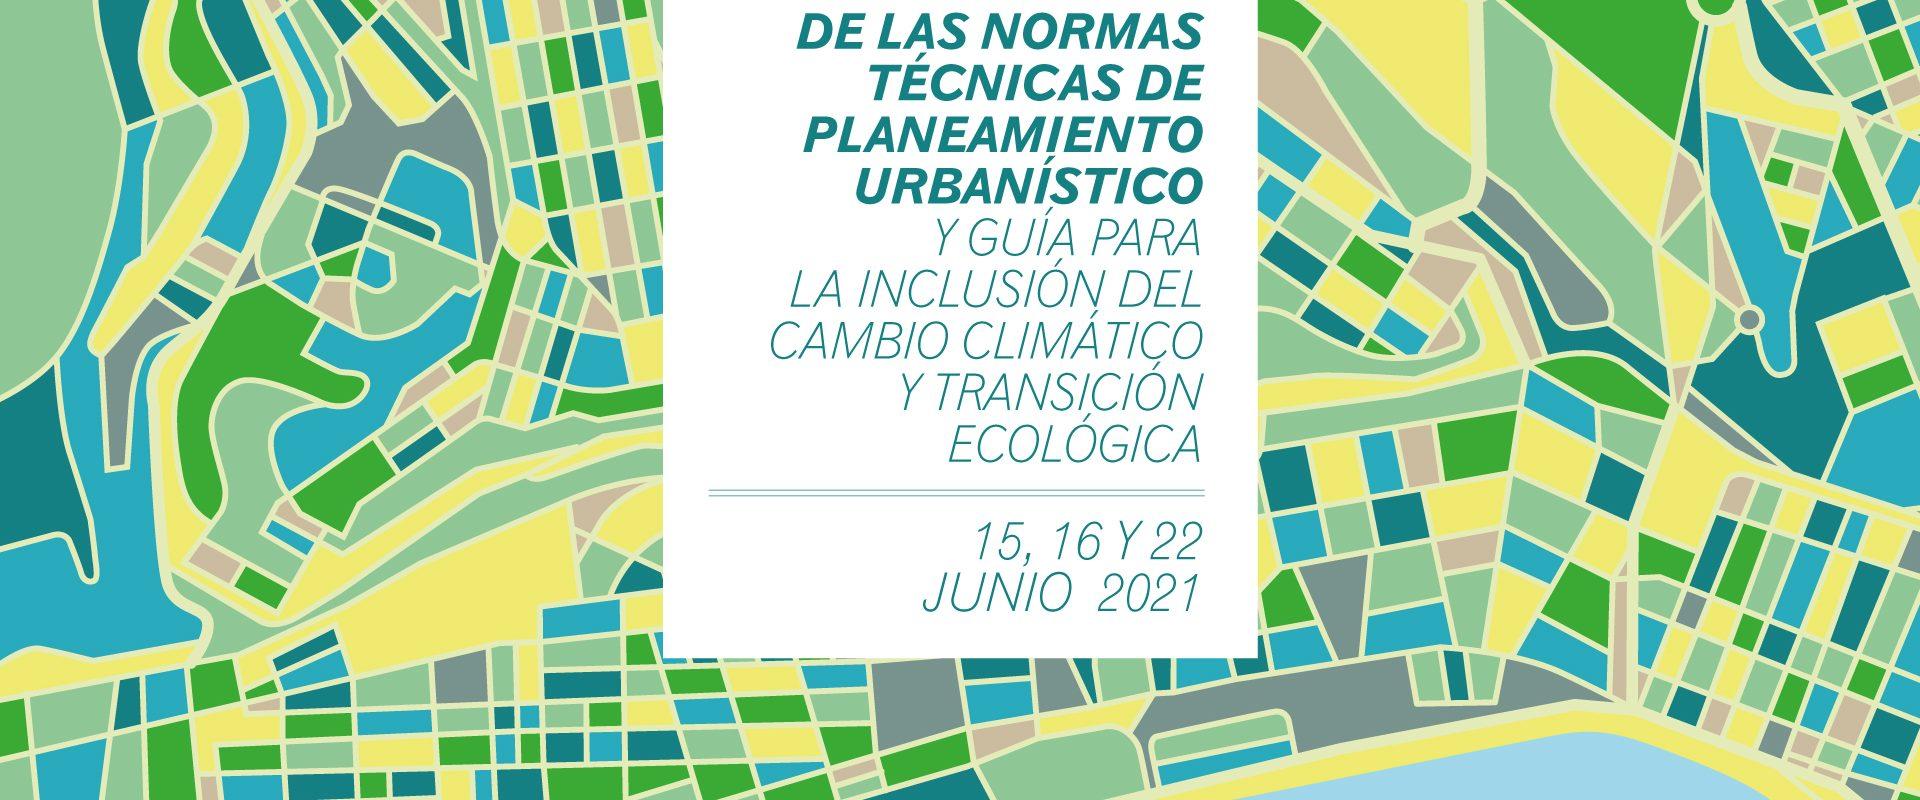 PRESENTACIÓN DE LAS NORMAS TÉCNICAS DE PLANEAMIENTO URBANÍSTICO EN CANARIAS